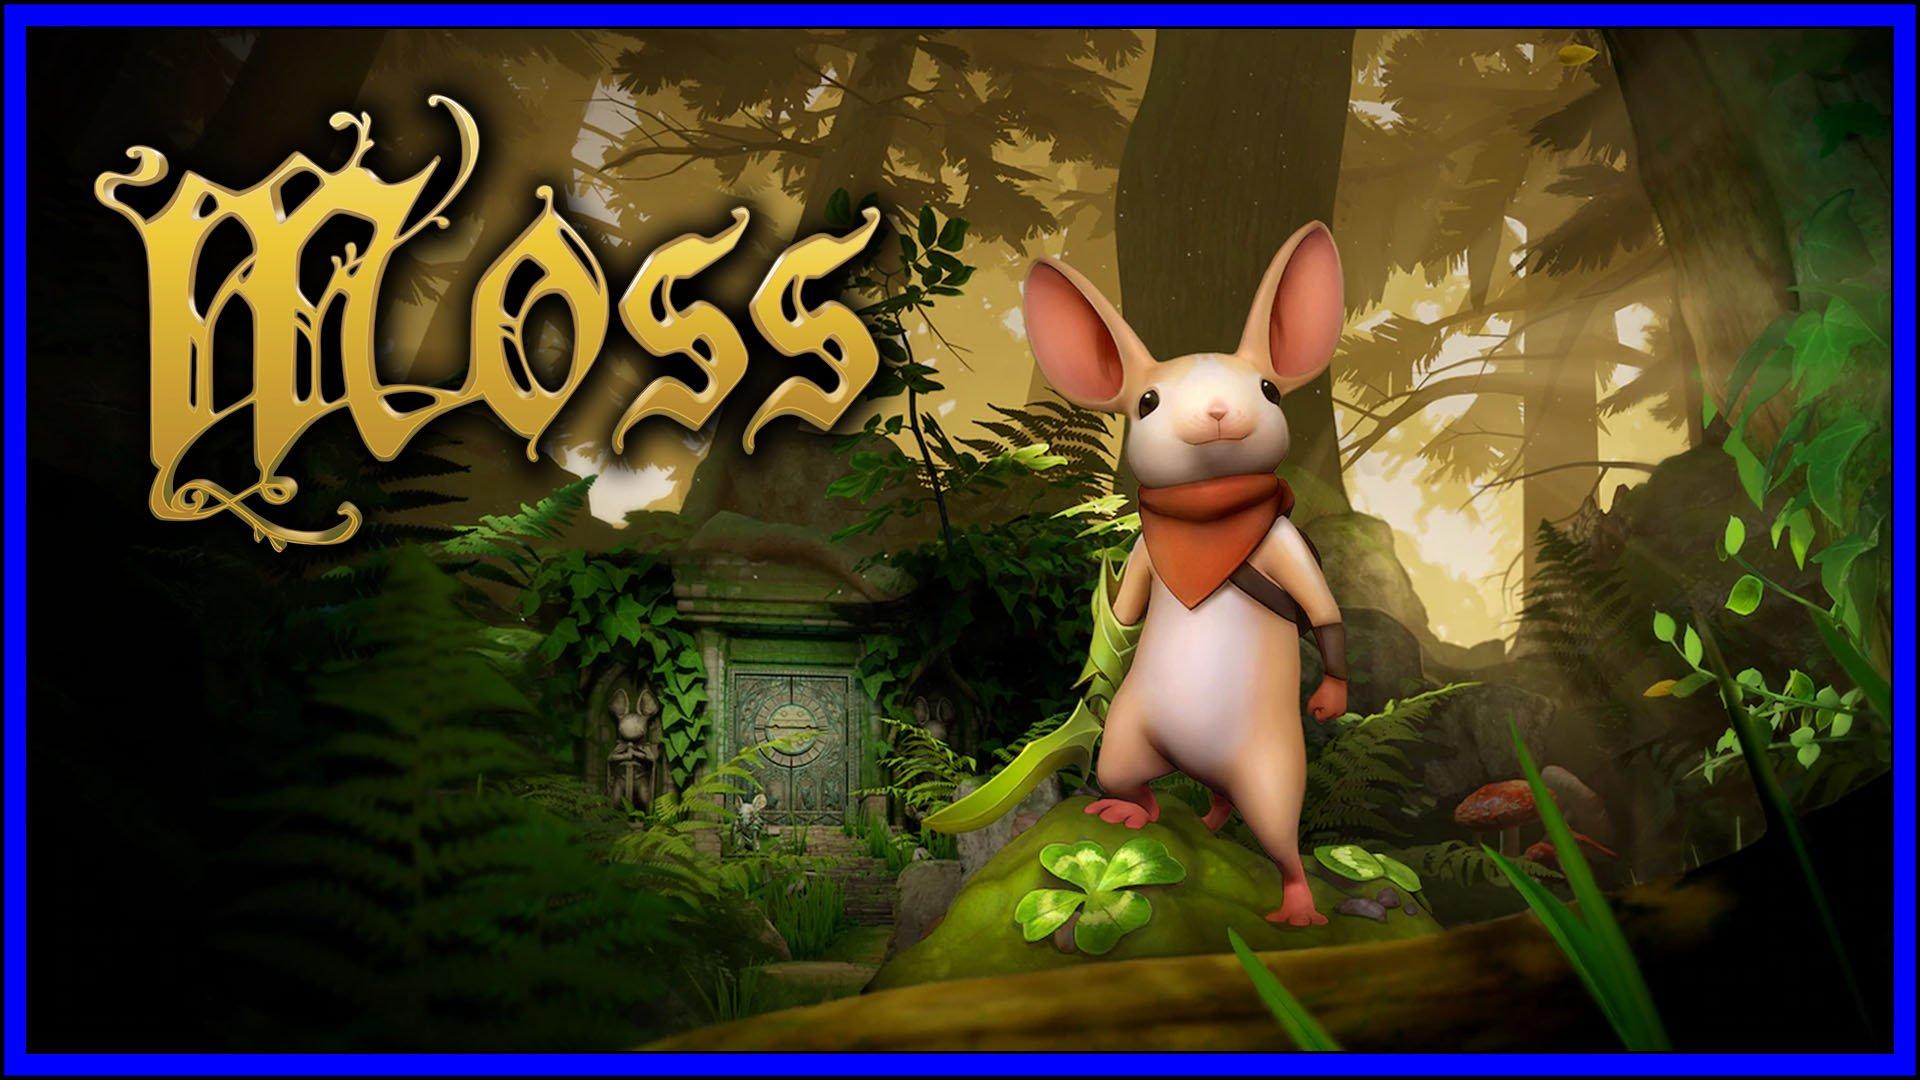 Moss Fi3